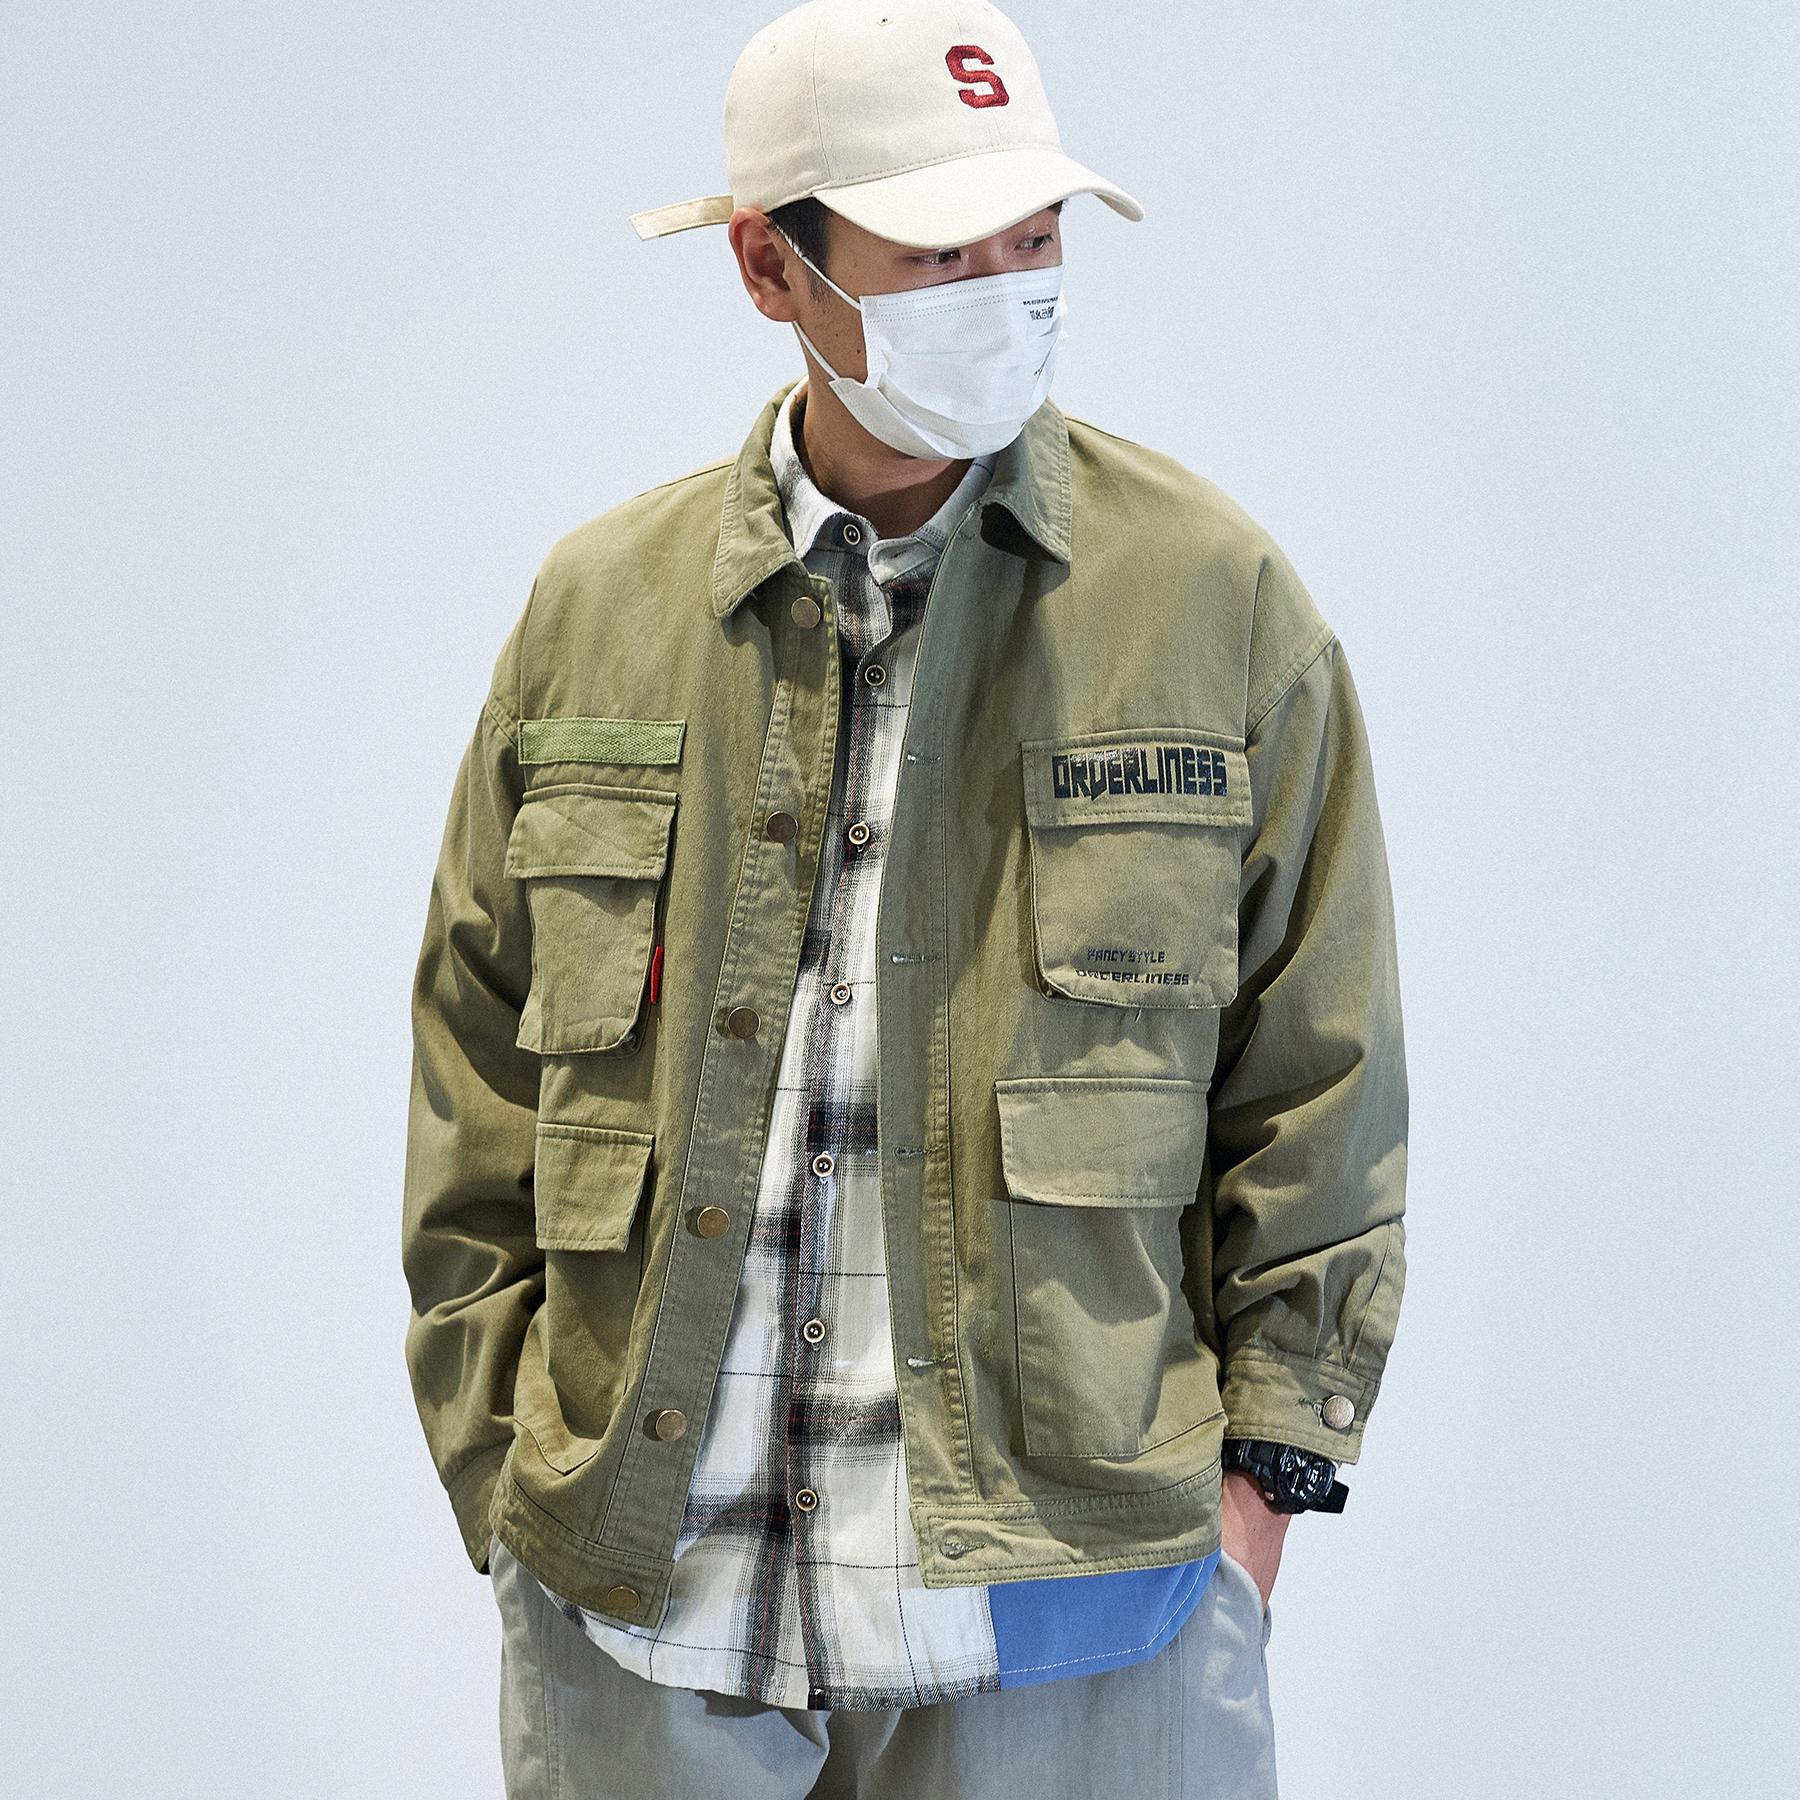 INSIDE19s/s秋冬日系多口袋工装夹克男 复古立领宽松余文乐外套